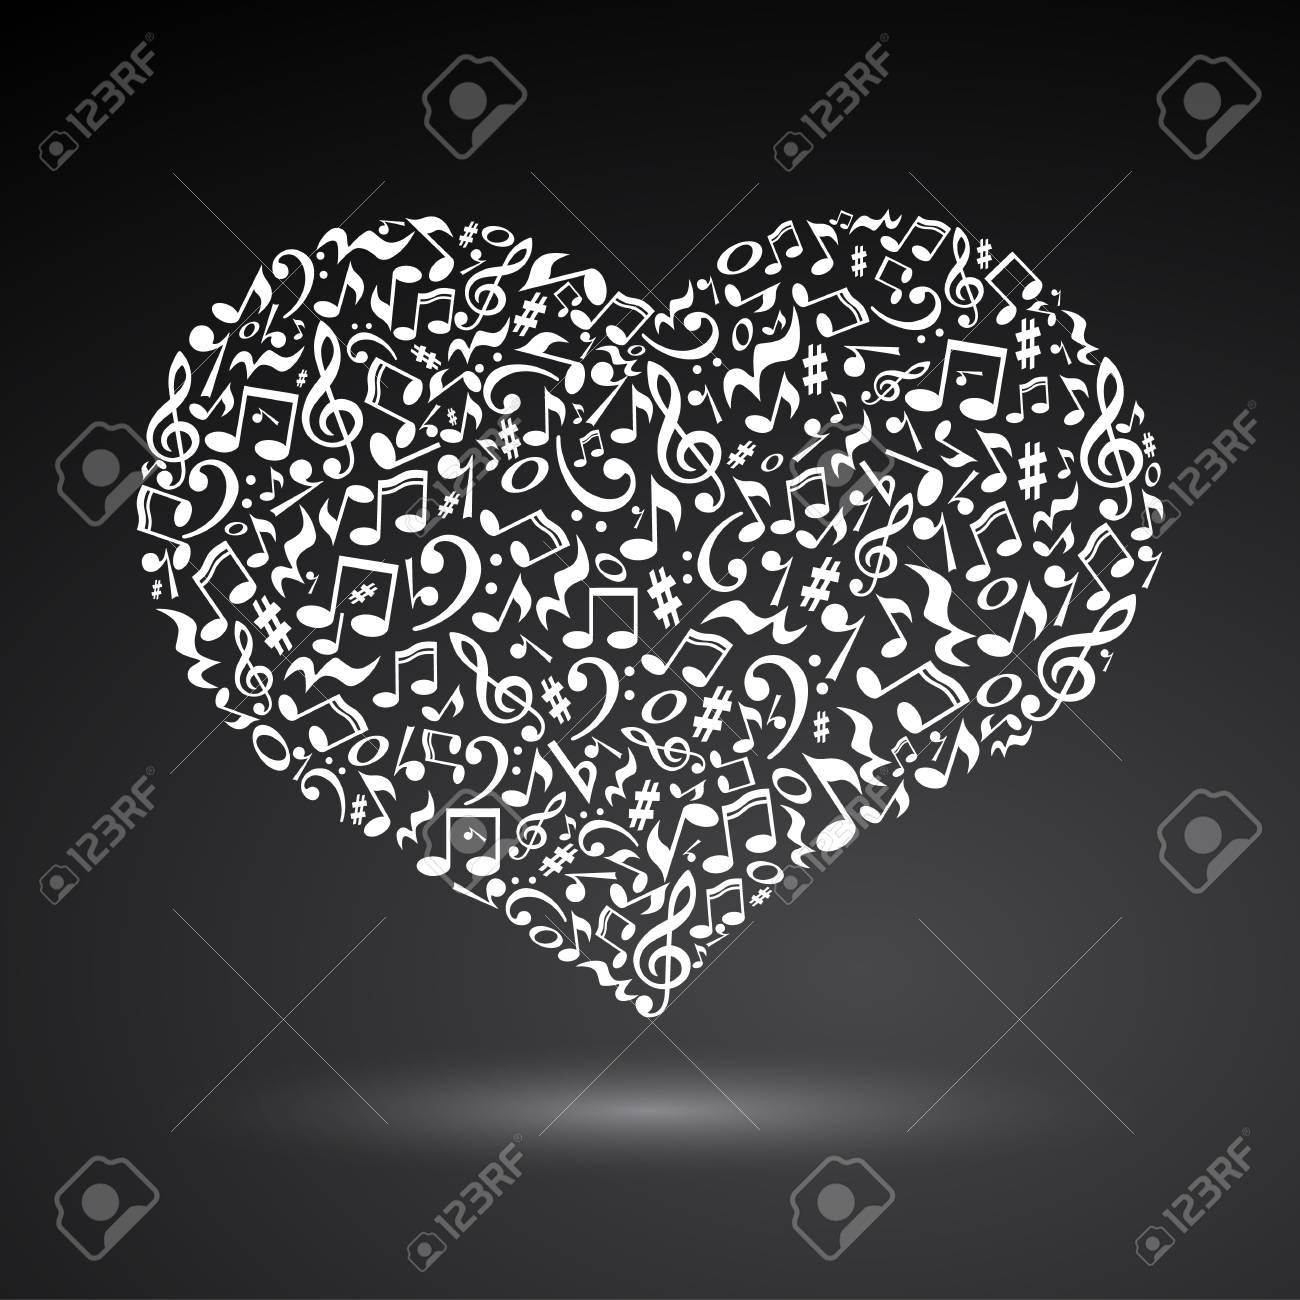 Corazón Aislado De Musicalnotes Sobre Fondo Blanco Patrón En Forma